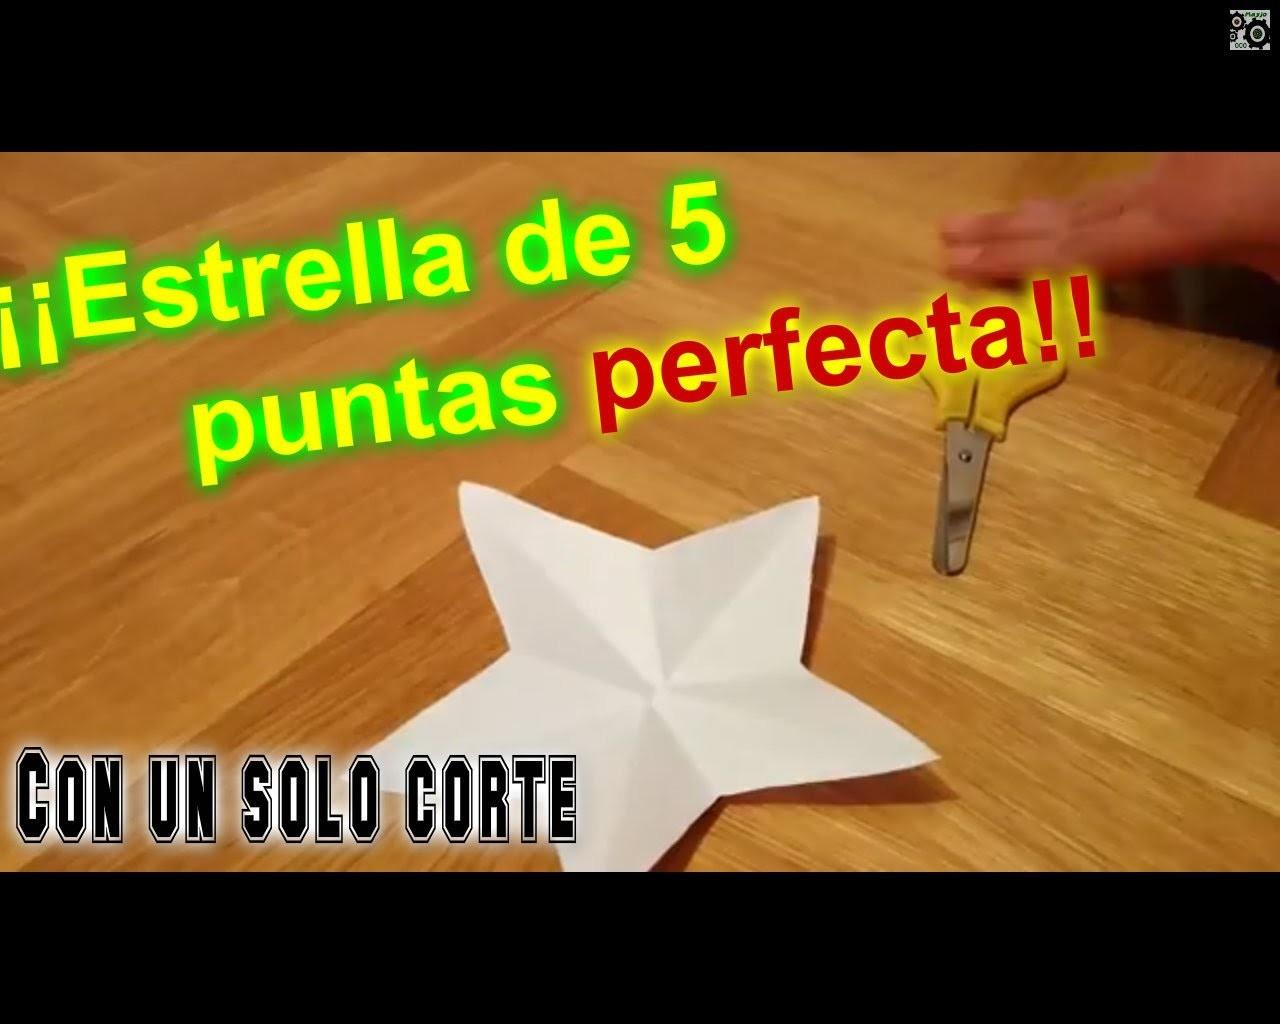 Tutorial: Cómo hacer una estrella de 5 puntas perfecta con un sólo corte.